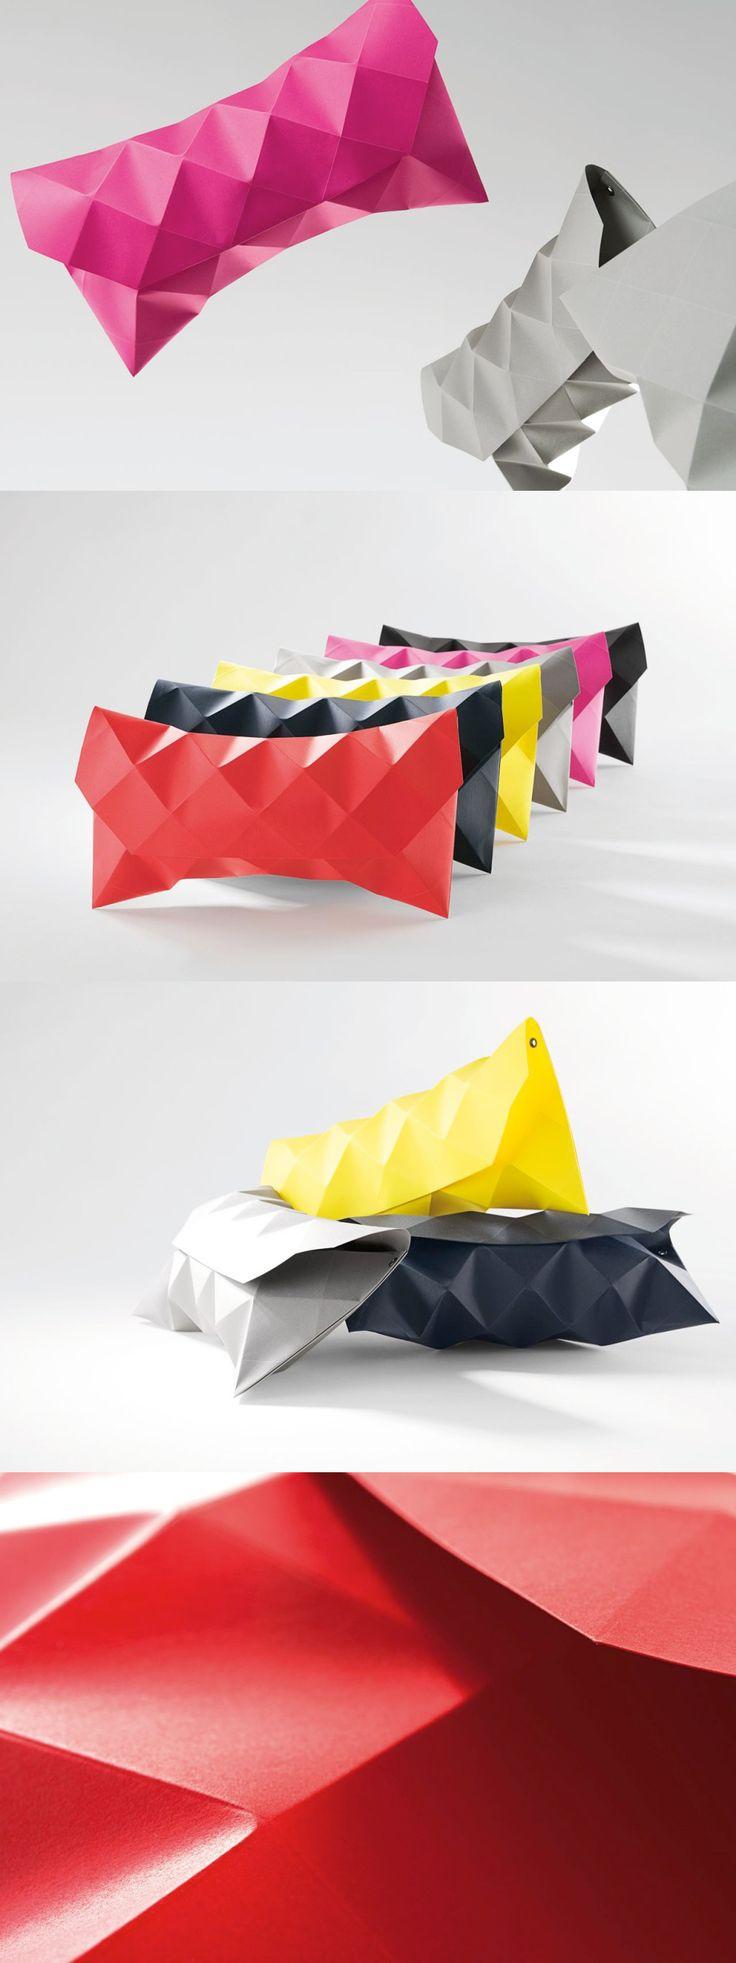 Pochette di carta, accessori moda divertenti e unici! Petit Fou paper clutches: A unique bag for a unique moment!